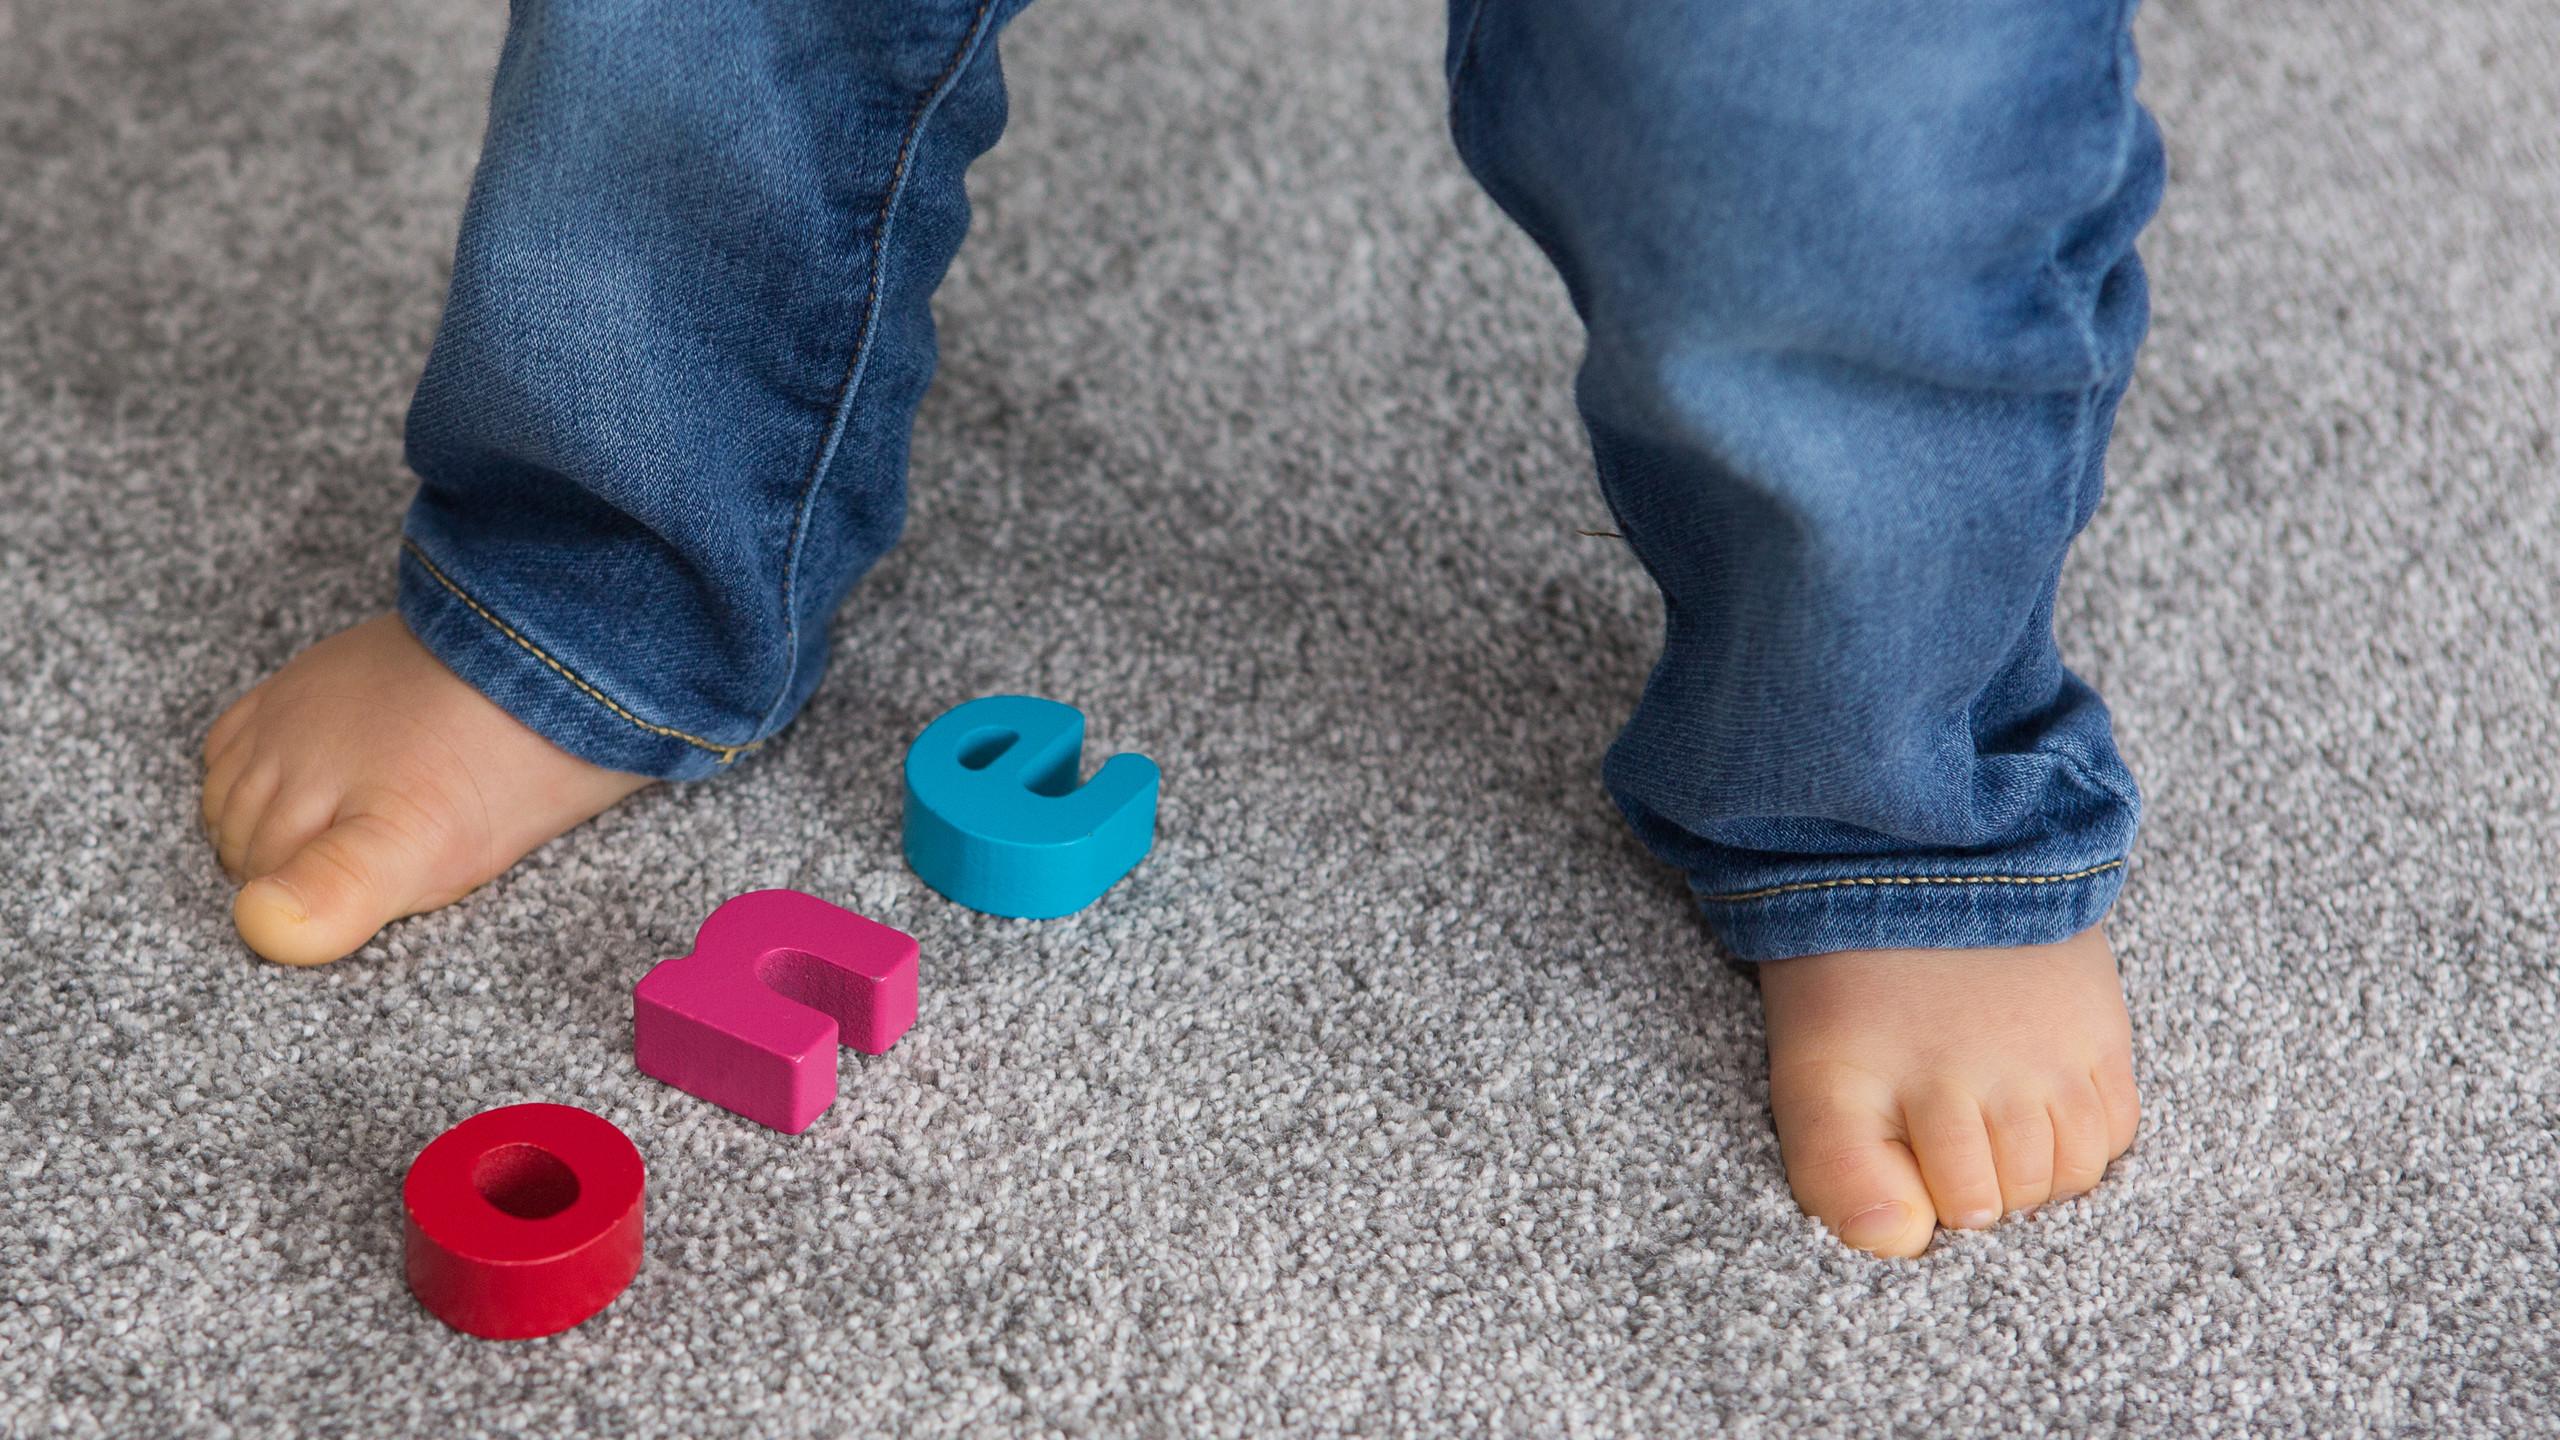 Toddler Lifestyle Photoshoot One